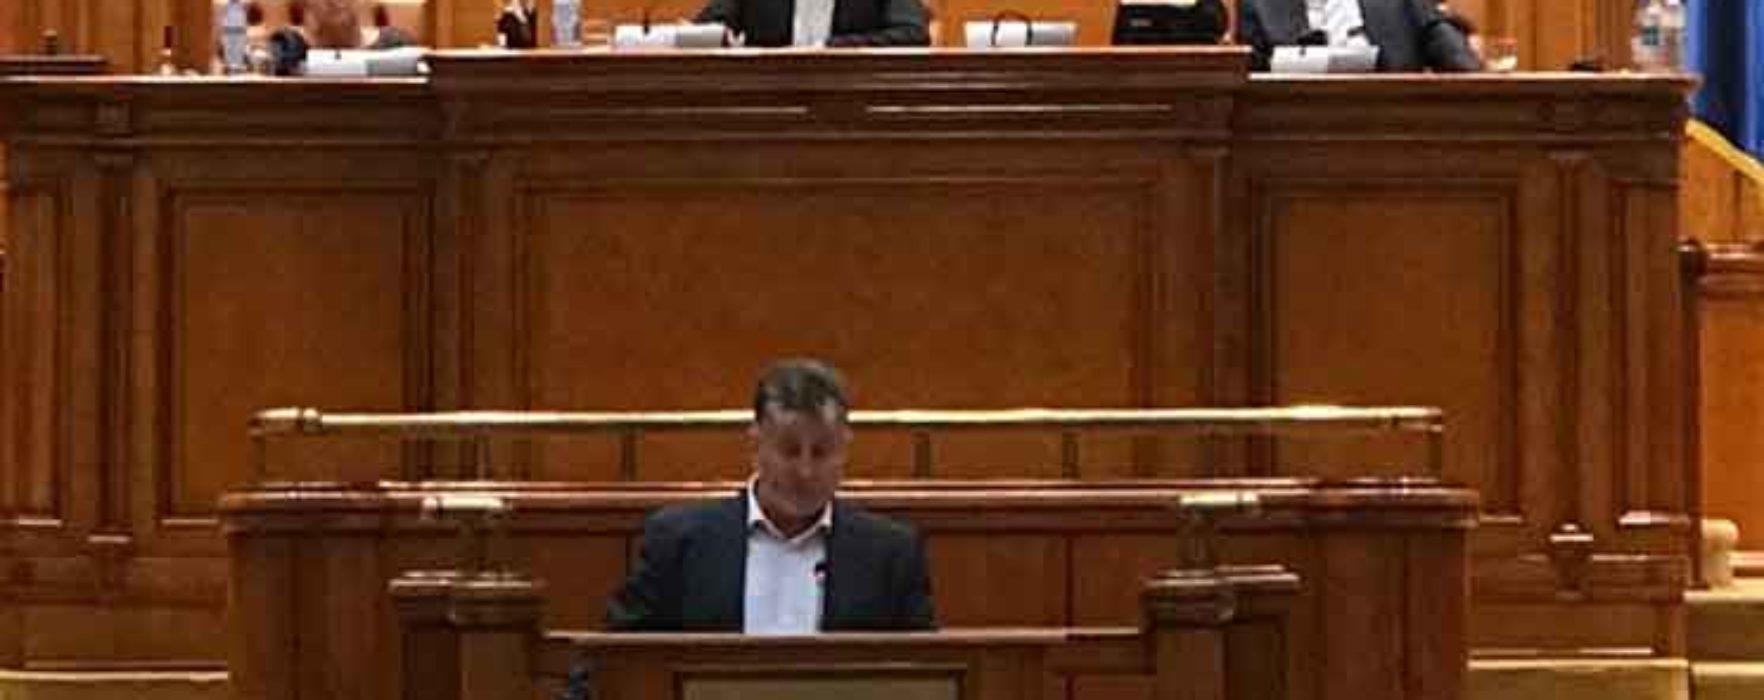 Dâmboviţa: Primarul din Braniştea, Marian Ţachianu, a preluat mandatul de deputat vacant după plecarea Rovanei Plumb la Bruxelles